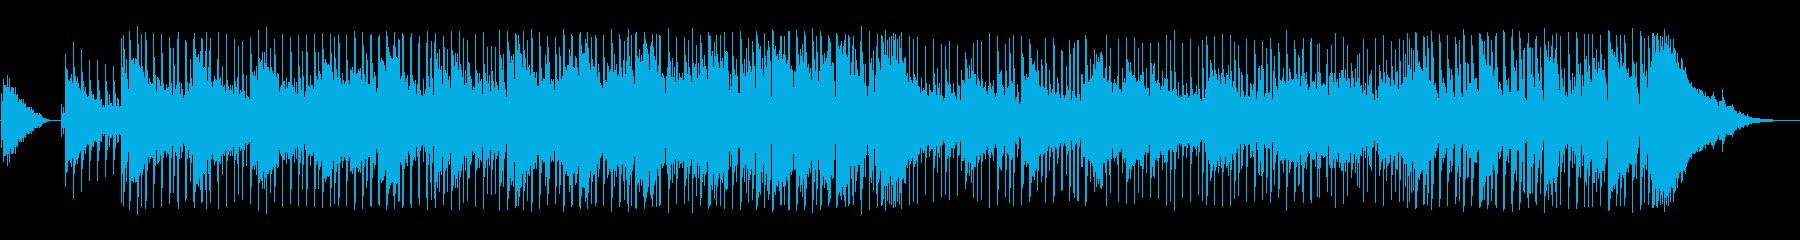 エレクトロニック アクション 説明...の再生済みの波形